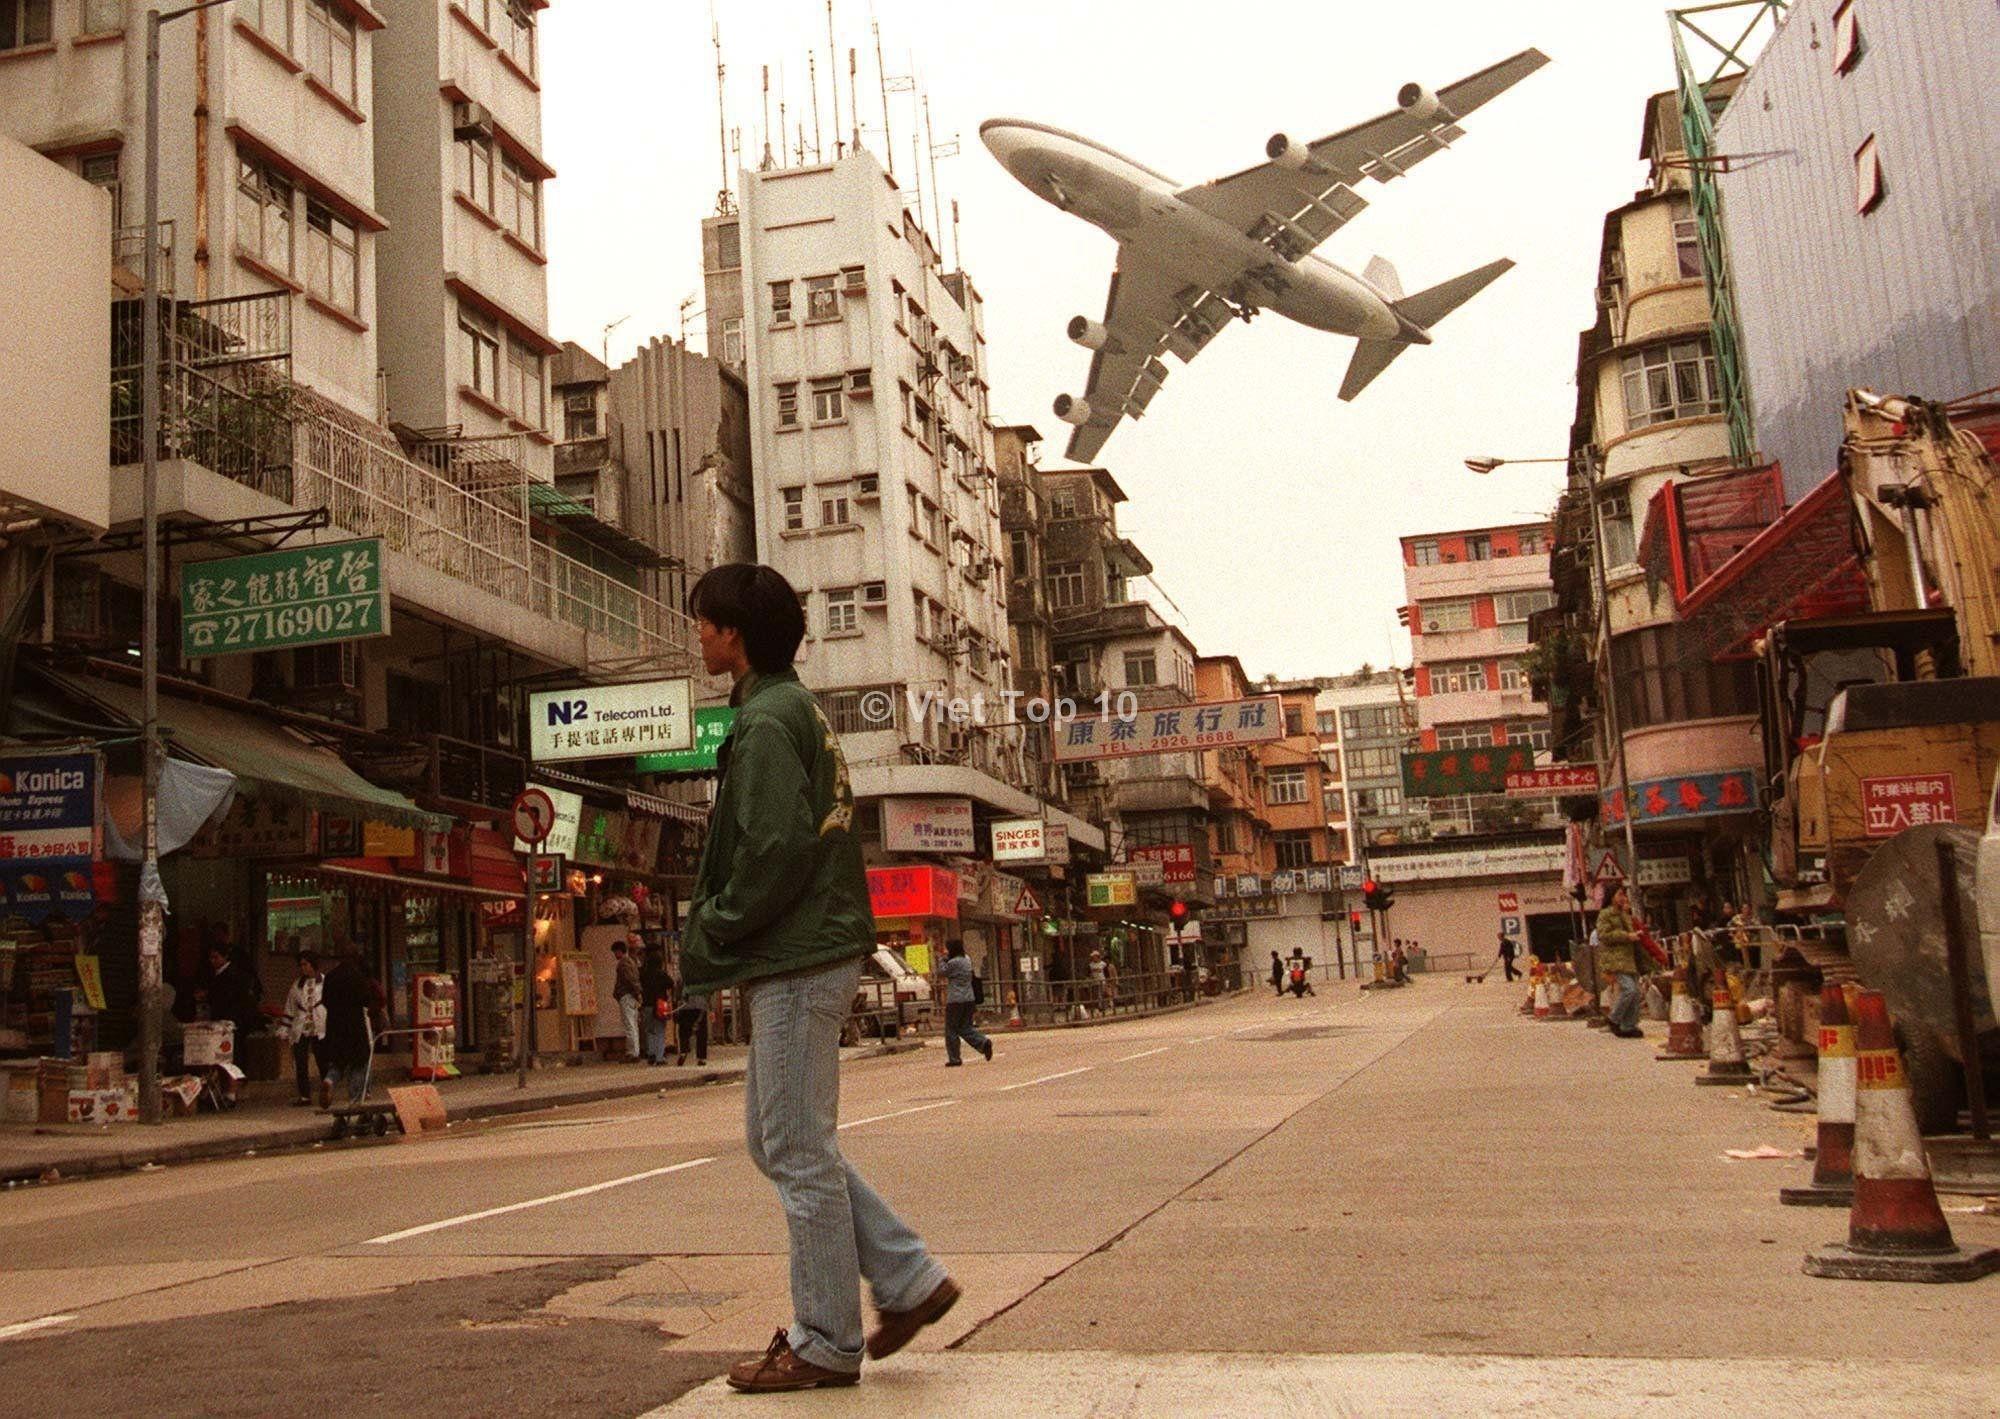 top 10 sân bay nguy hiểm nhất thế giới - việt top 10 - việt top 10 net - viettop10